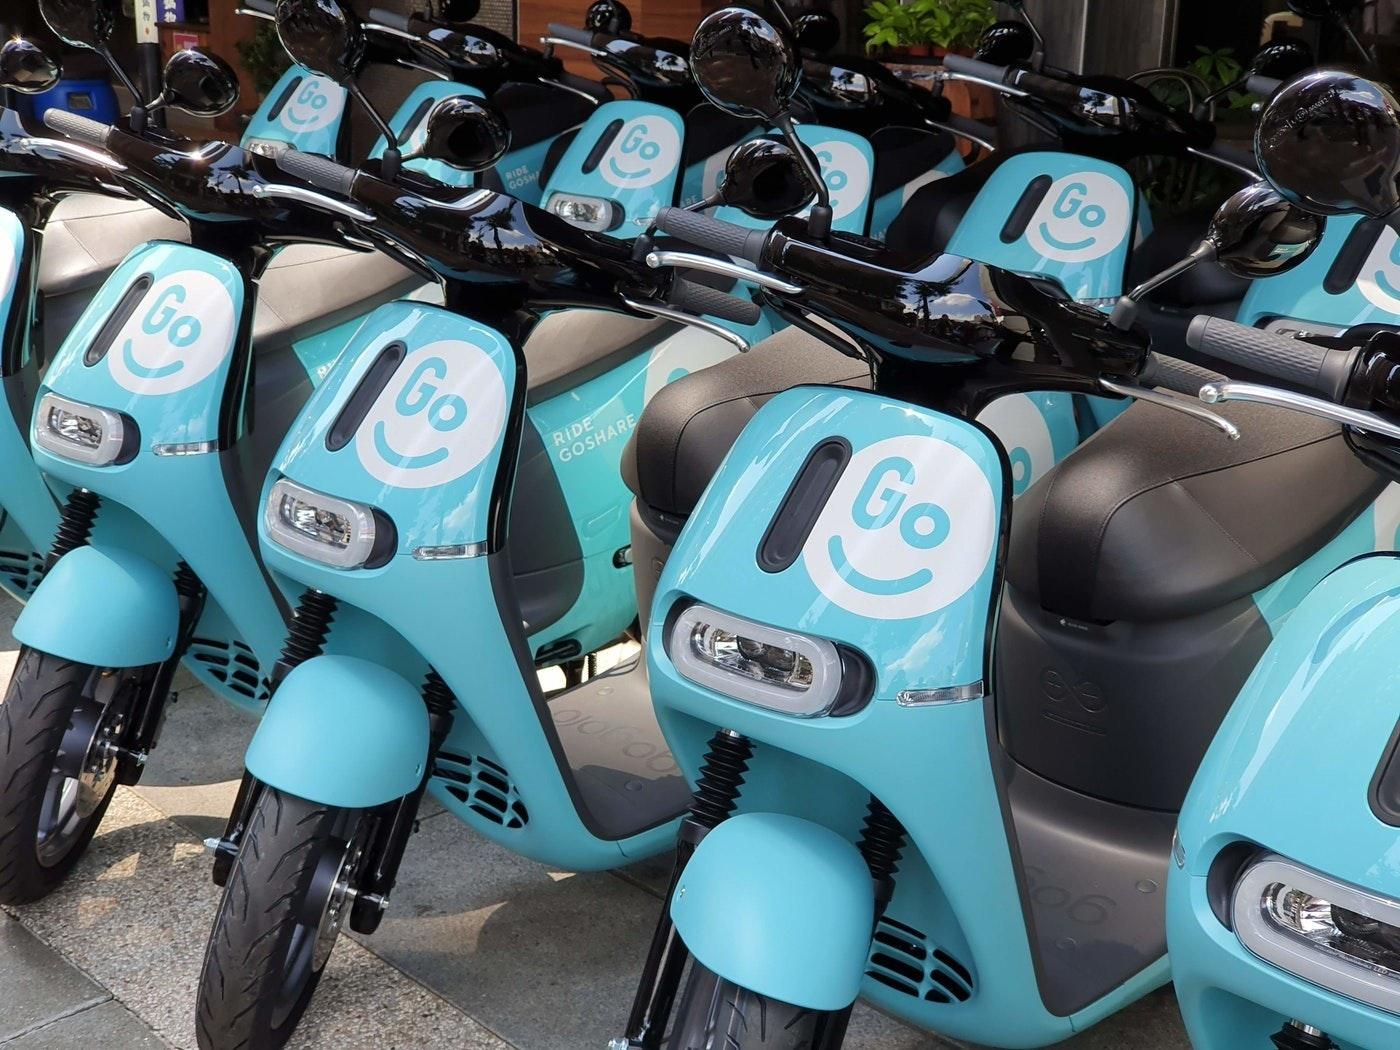 照片中提到了RIDE、GOSHA、Go,包含了goshare台北、汽車、摩托車、GoShare、電動摩托車和踏板車